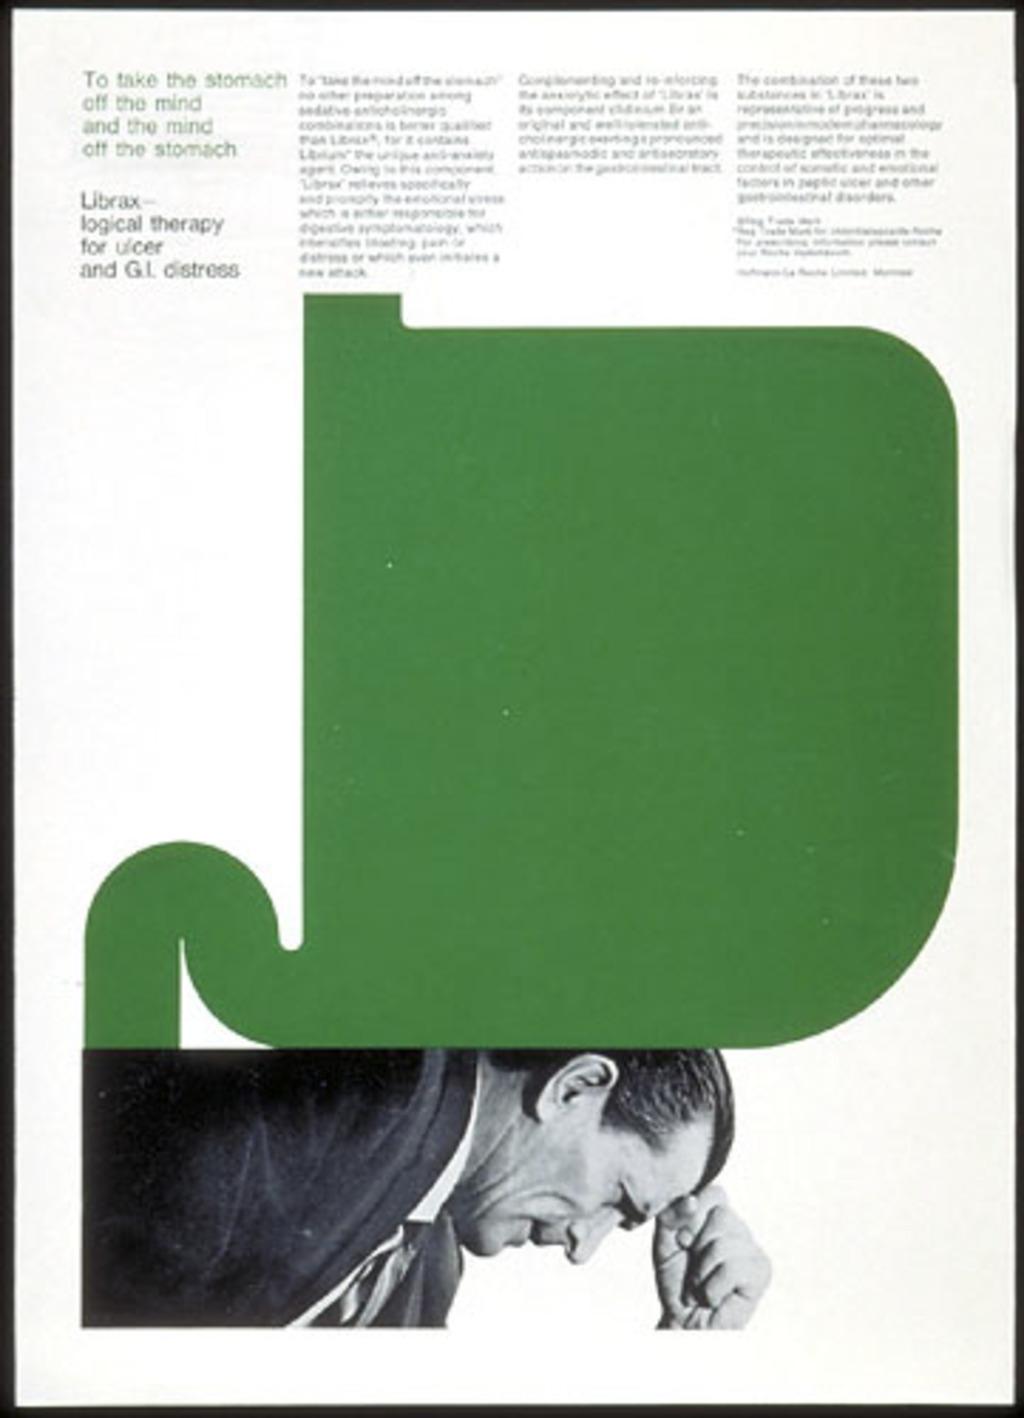 Annonce publicitaire « Librax », pour Roche